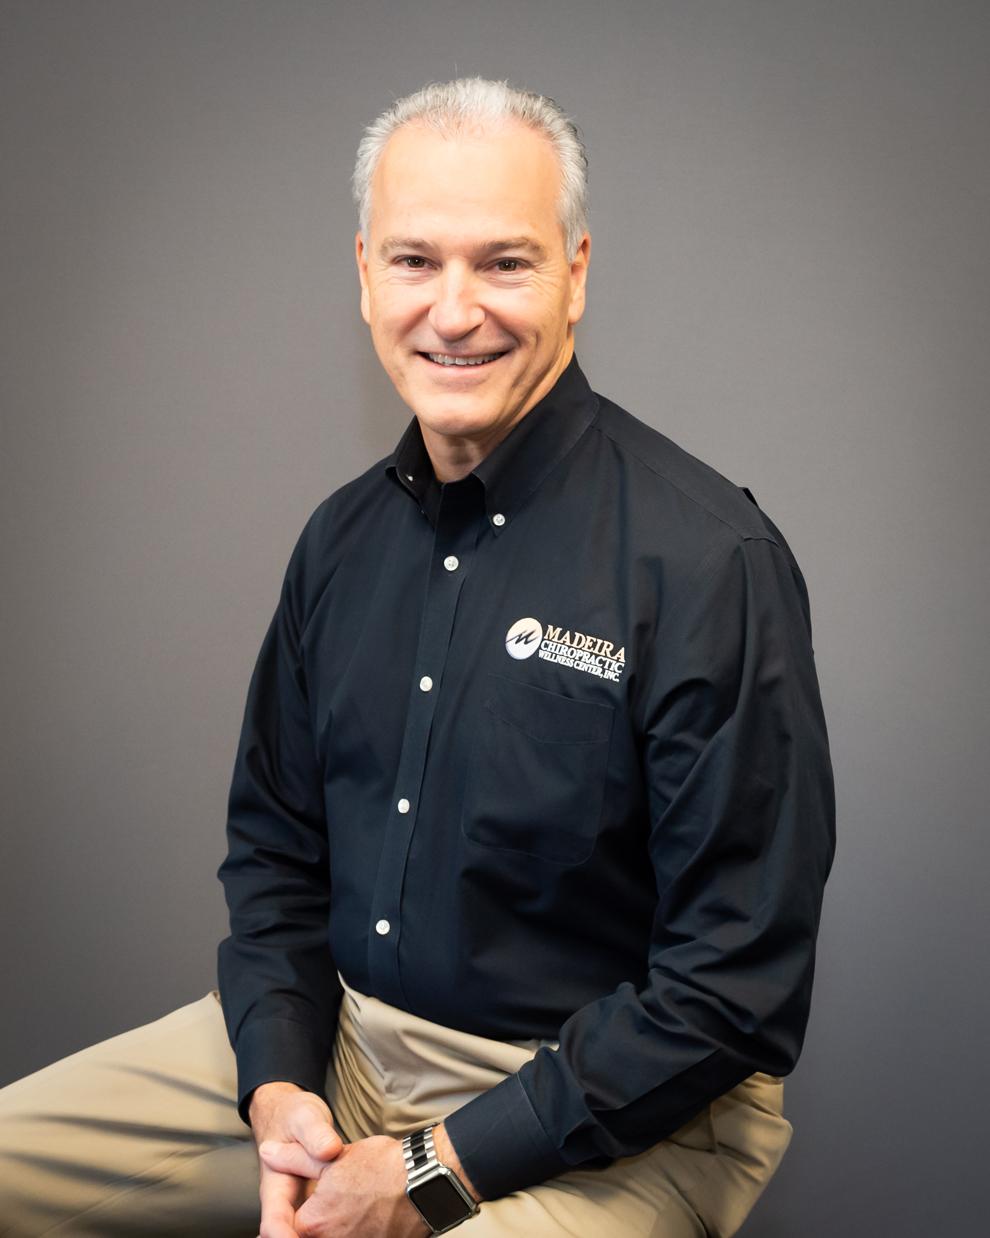 Dr. John Madeira